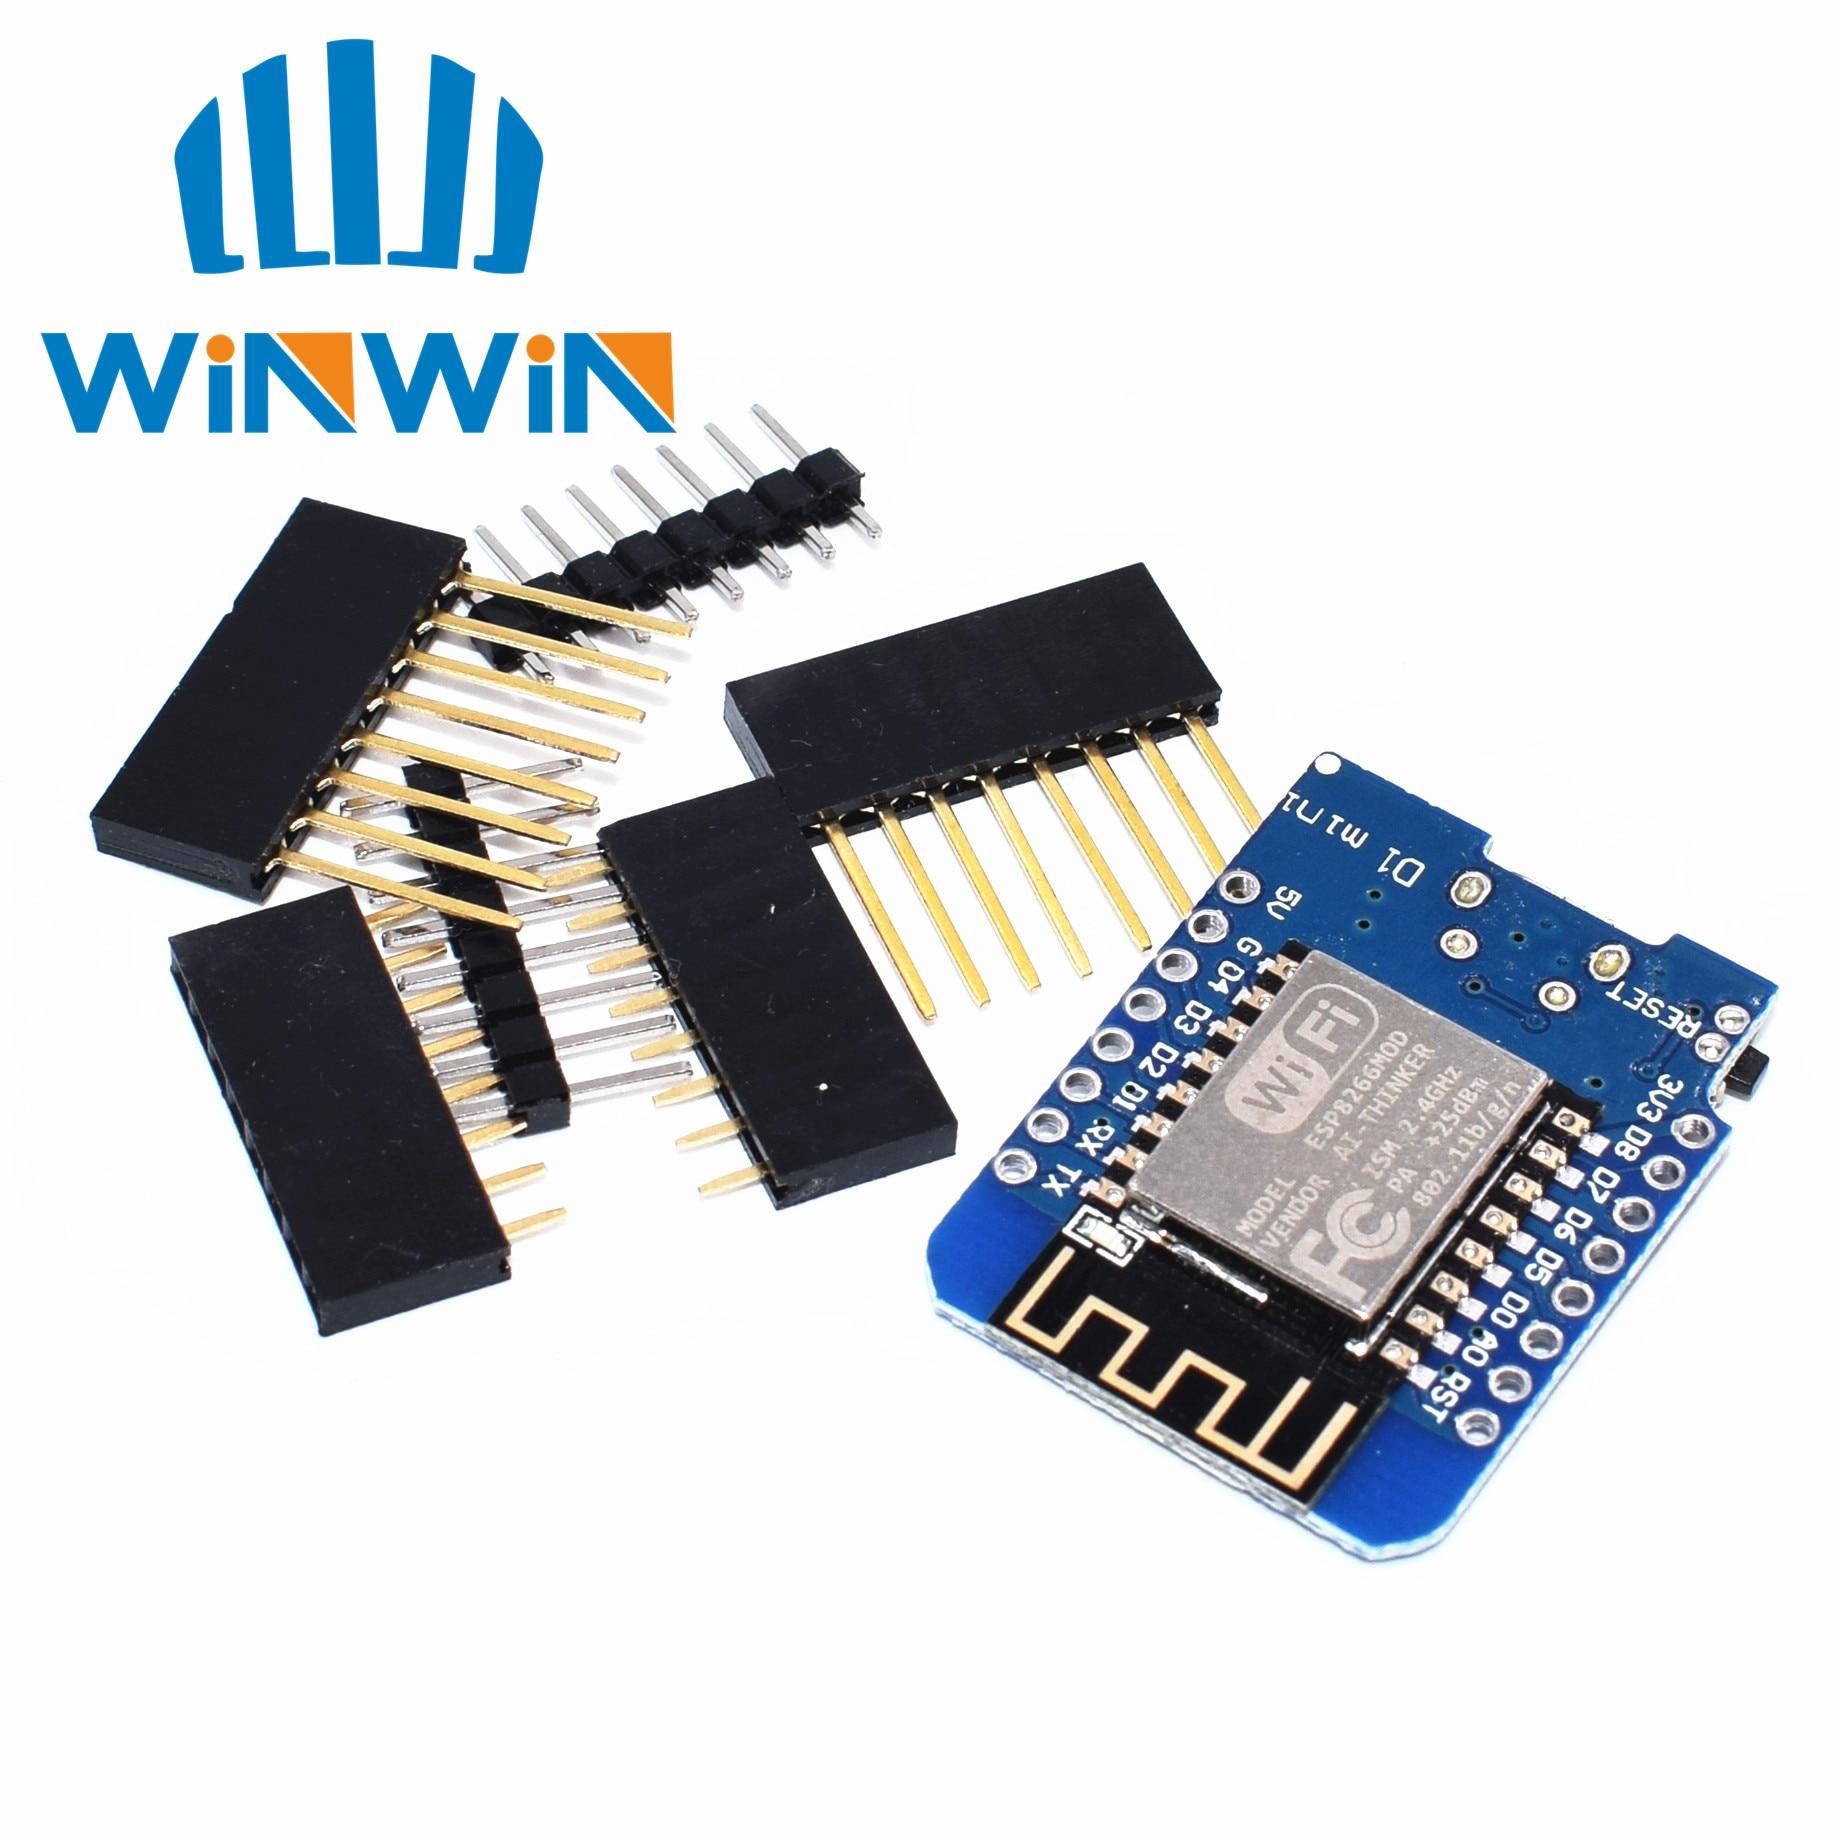 ESP8266 ESP-12 ESP-12F CH340G CH340 V2 USB WeMos D1 Мини Wi-Fi макетная плата D1 Мини NodeMCU Lua IOT плата 3,3 В с контактами